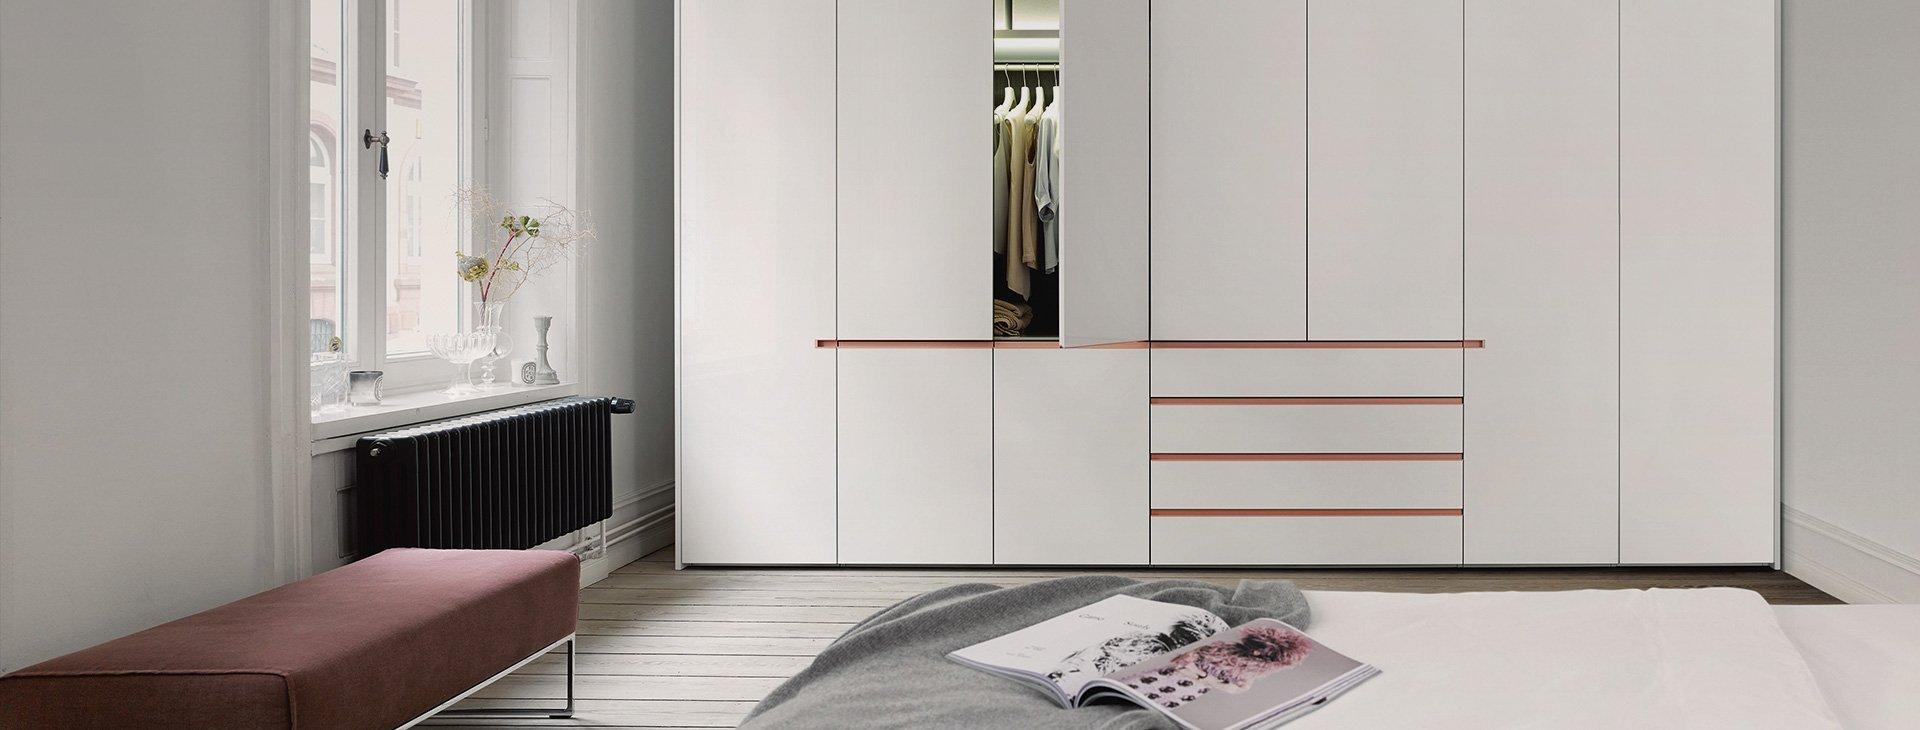 Cor interl bke thonet studio ihre stores im stilwerk hamburg for Stilwerk berlin verkaufsoffener sonntag